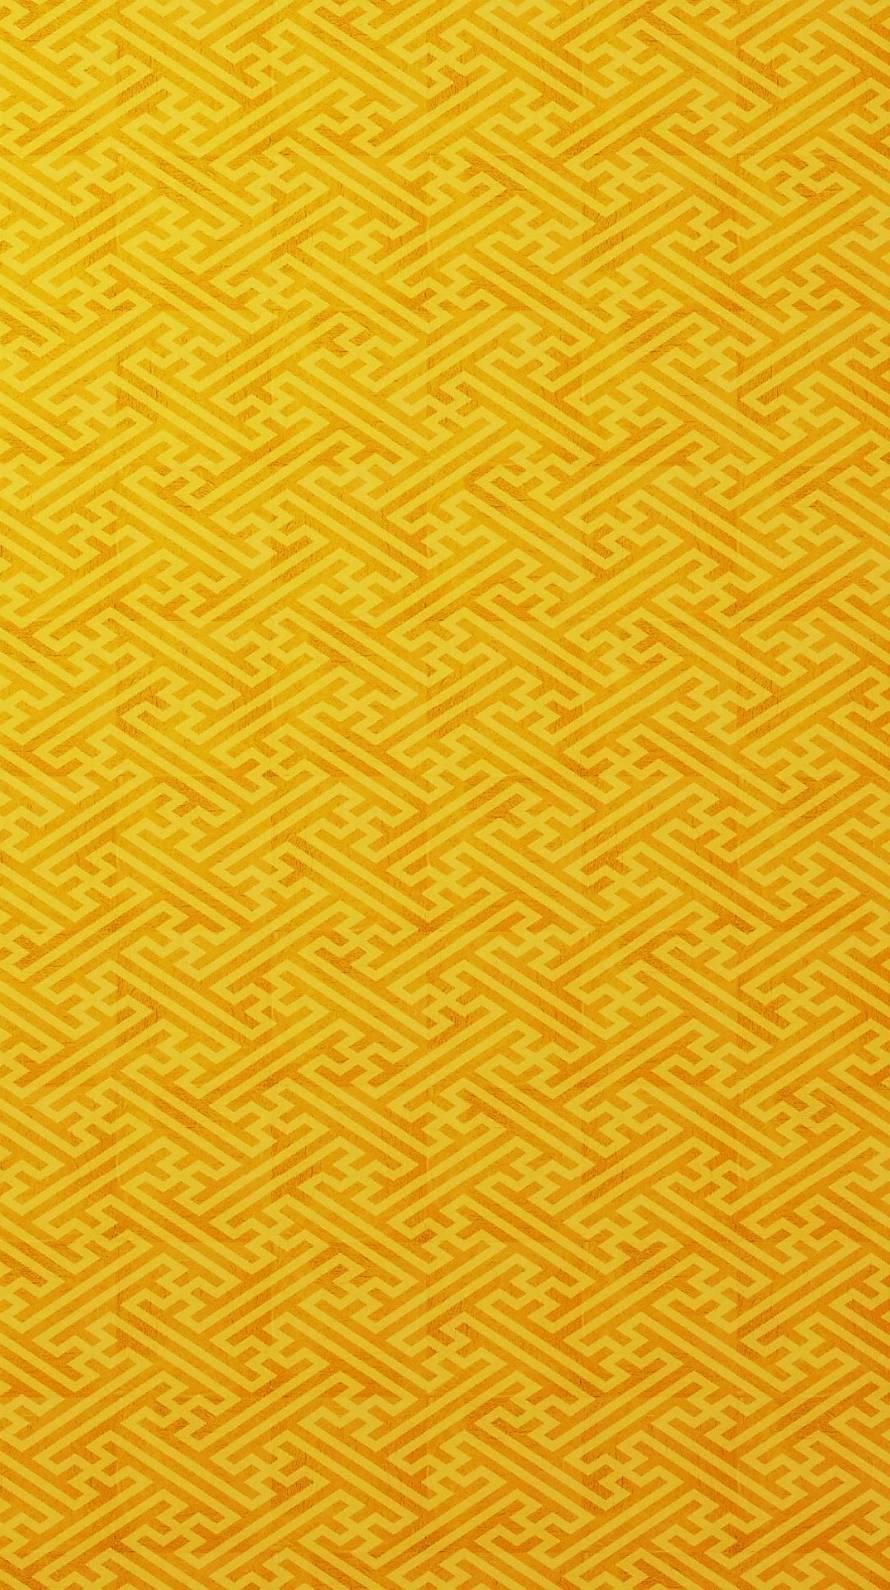 黄色の複雑なアブストラクト Iphone6壁紙 Wallpaperbox